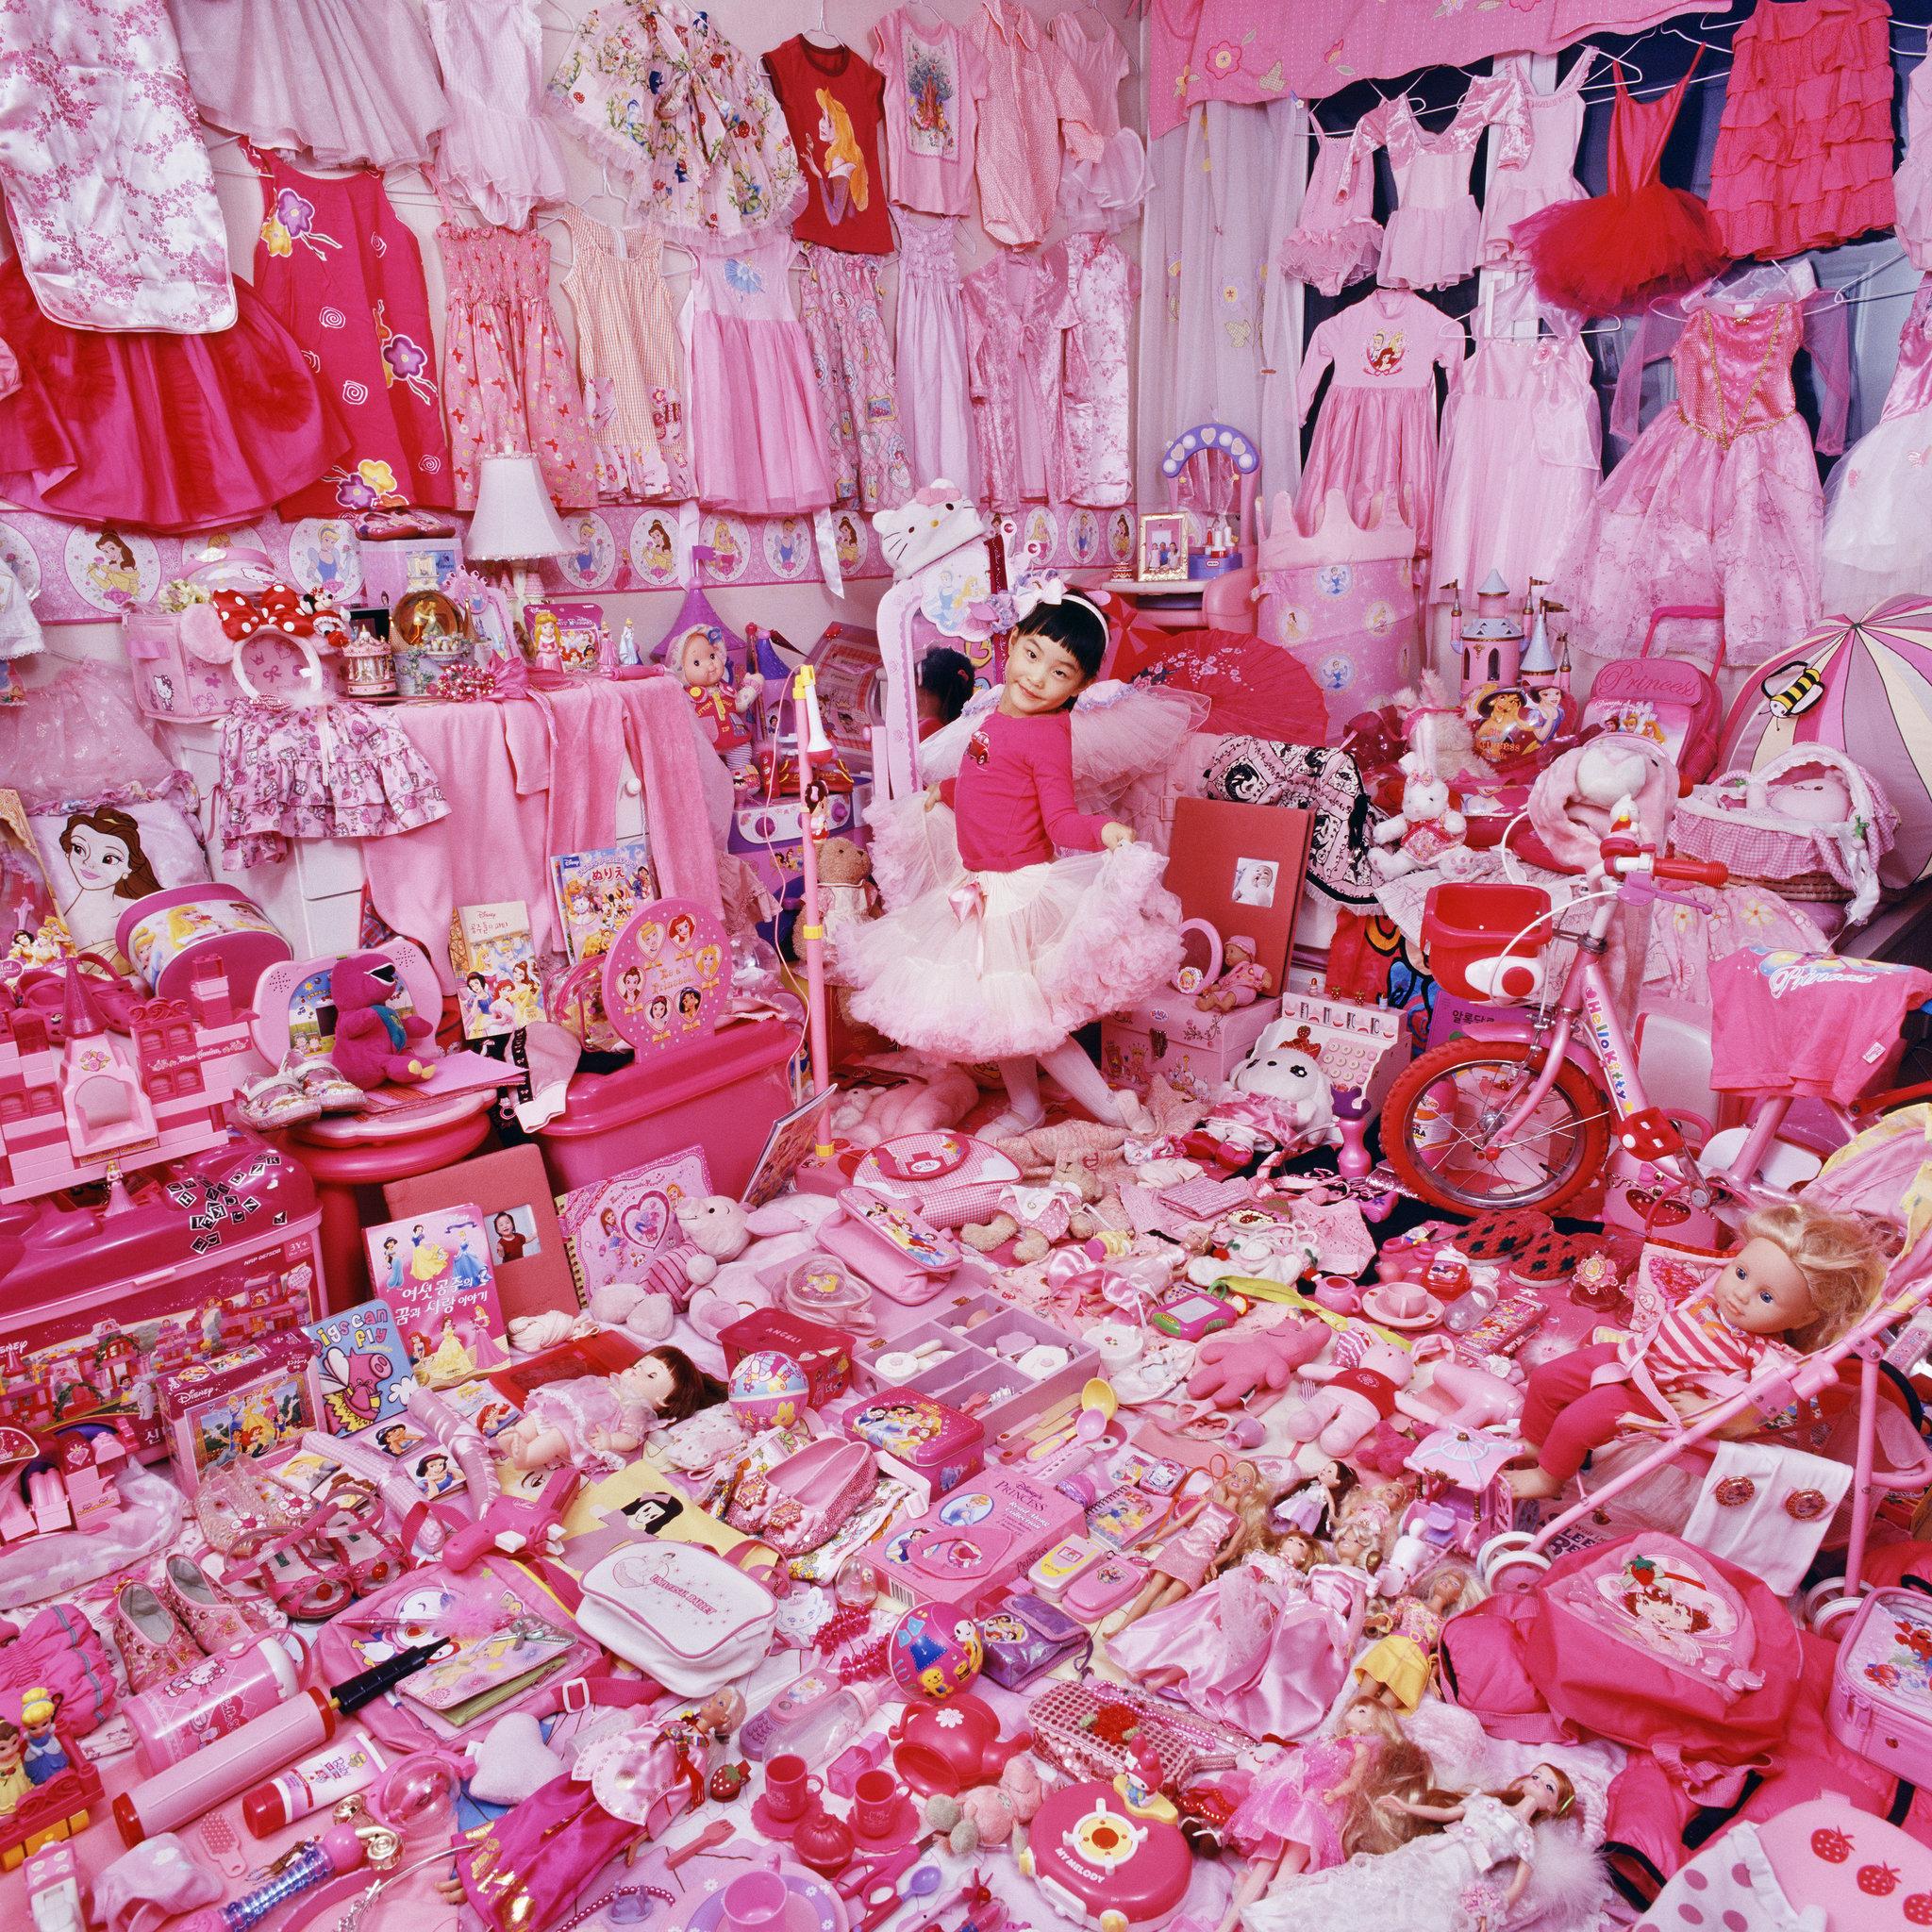 Dziewczynka ubrana na różowo wśród jedynie różowych ubranek i zabawek.